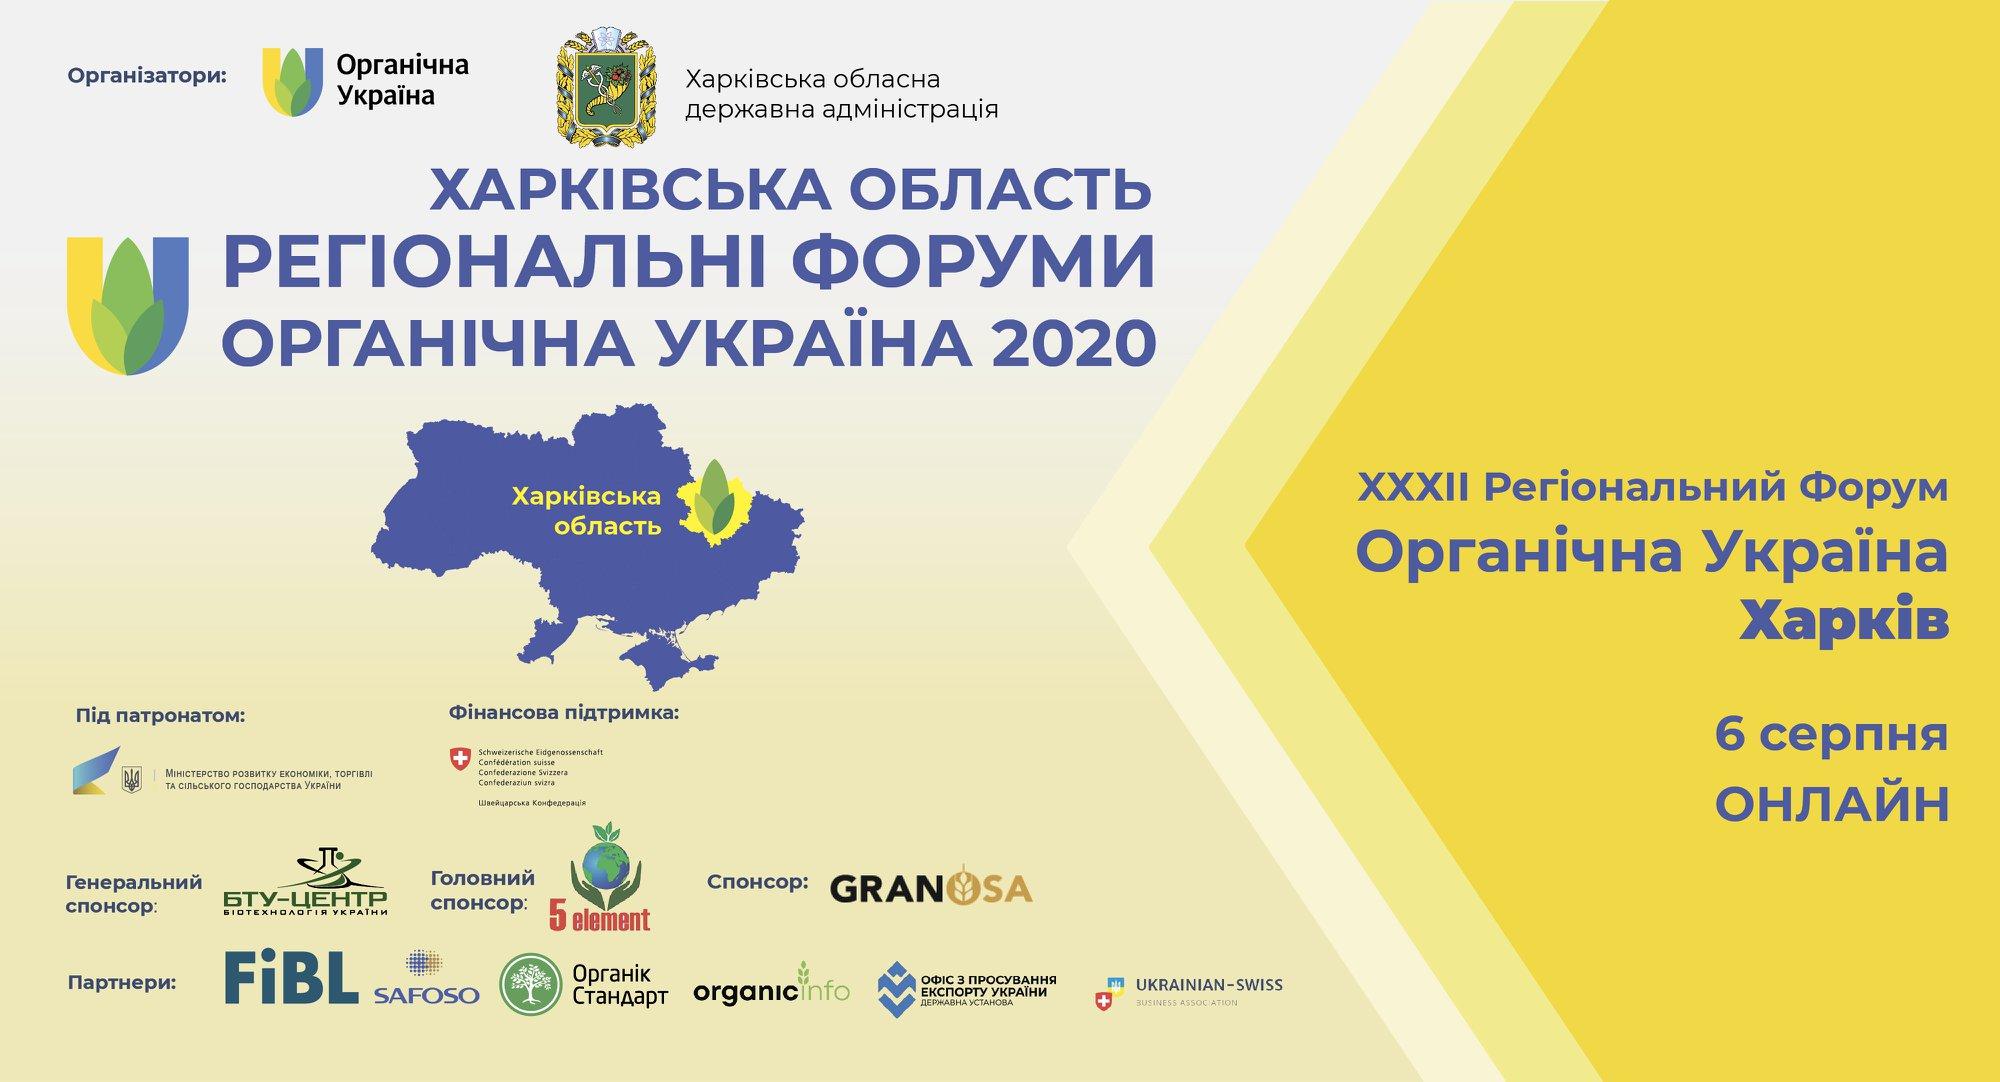 Харків_регіональний форум